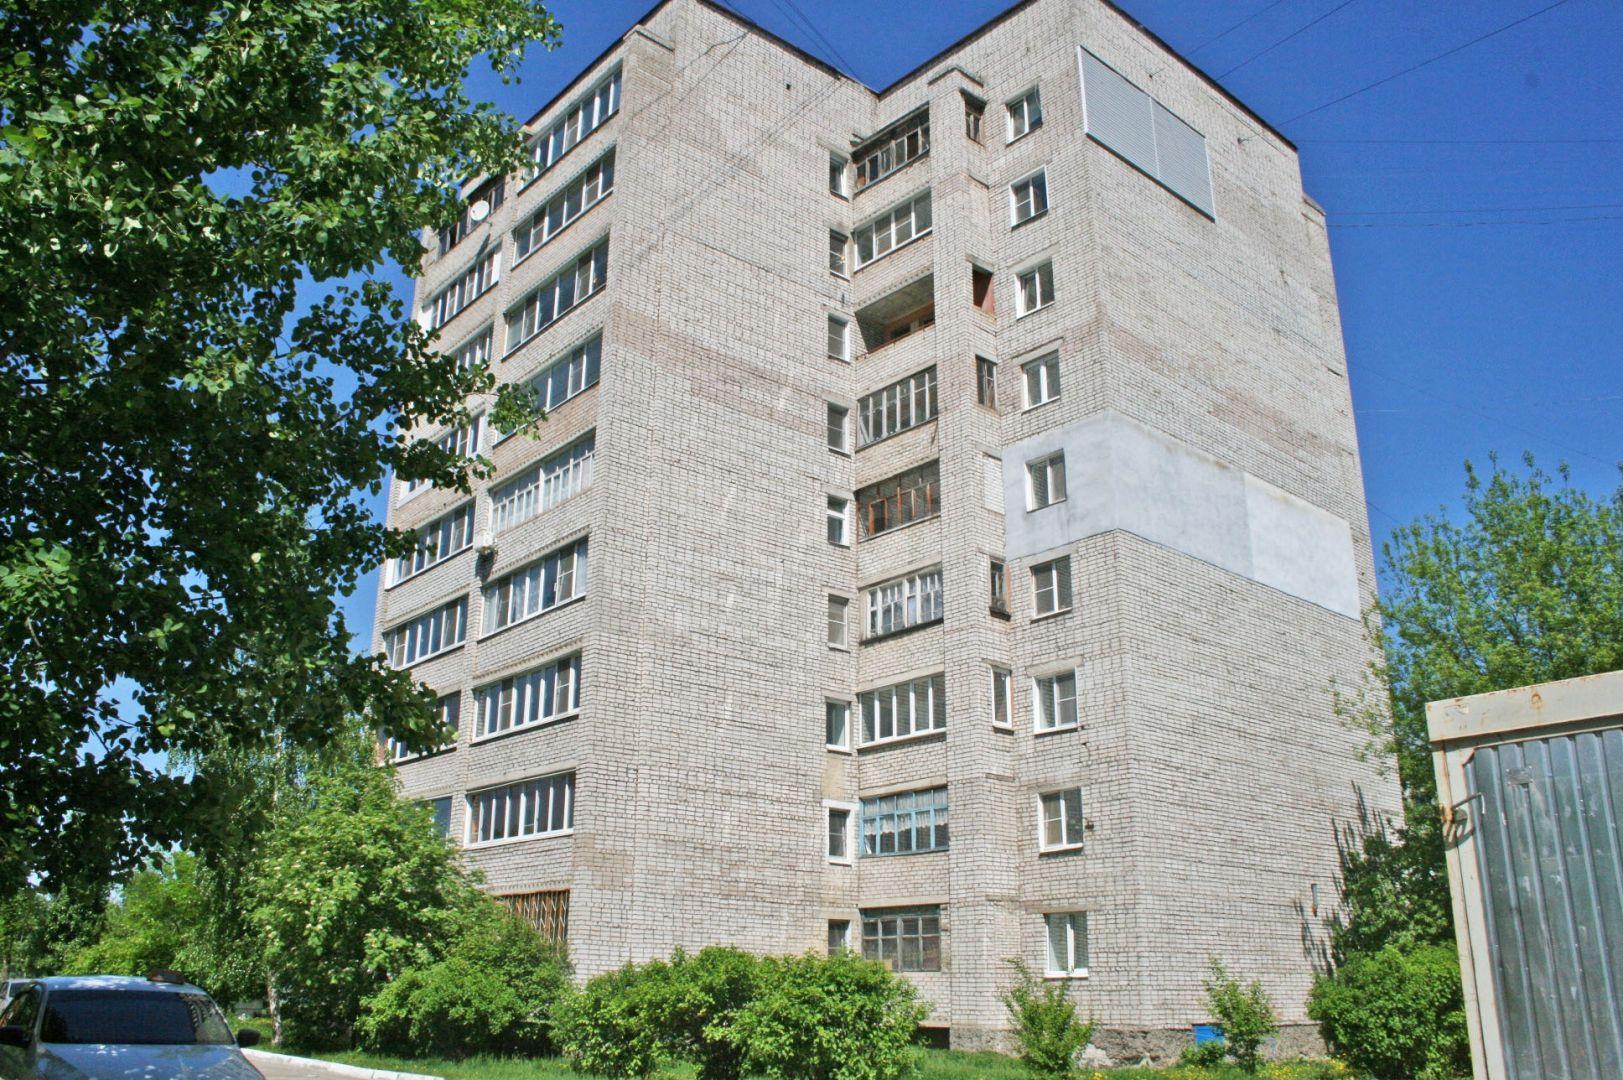 Муром, Дзержинского, 4, 1-к. квартира на продажу